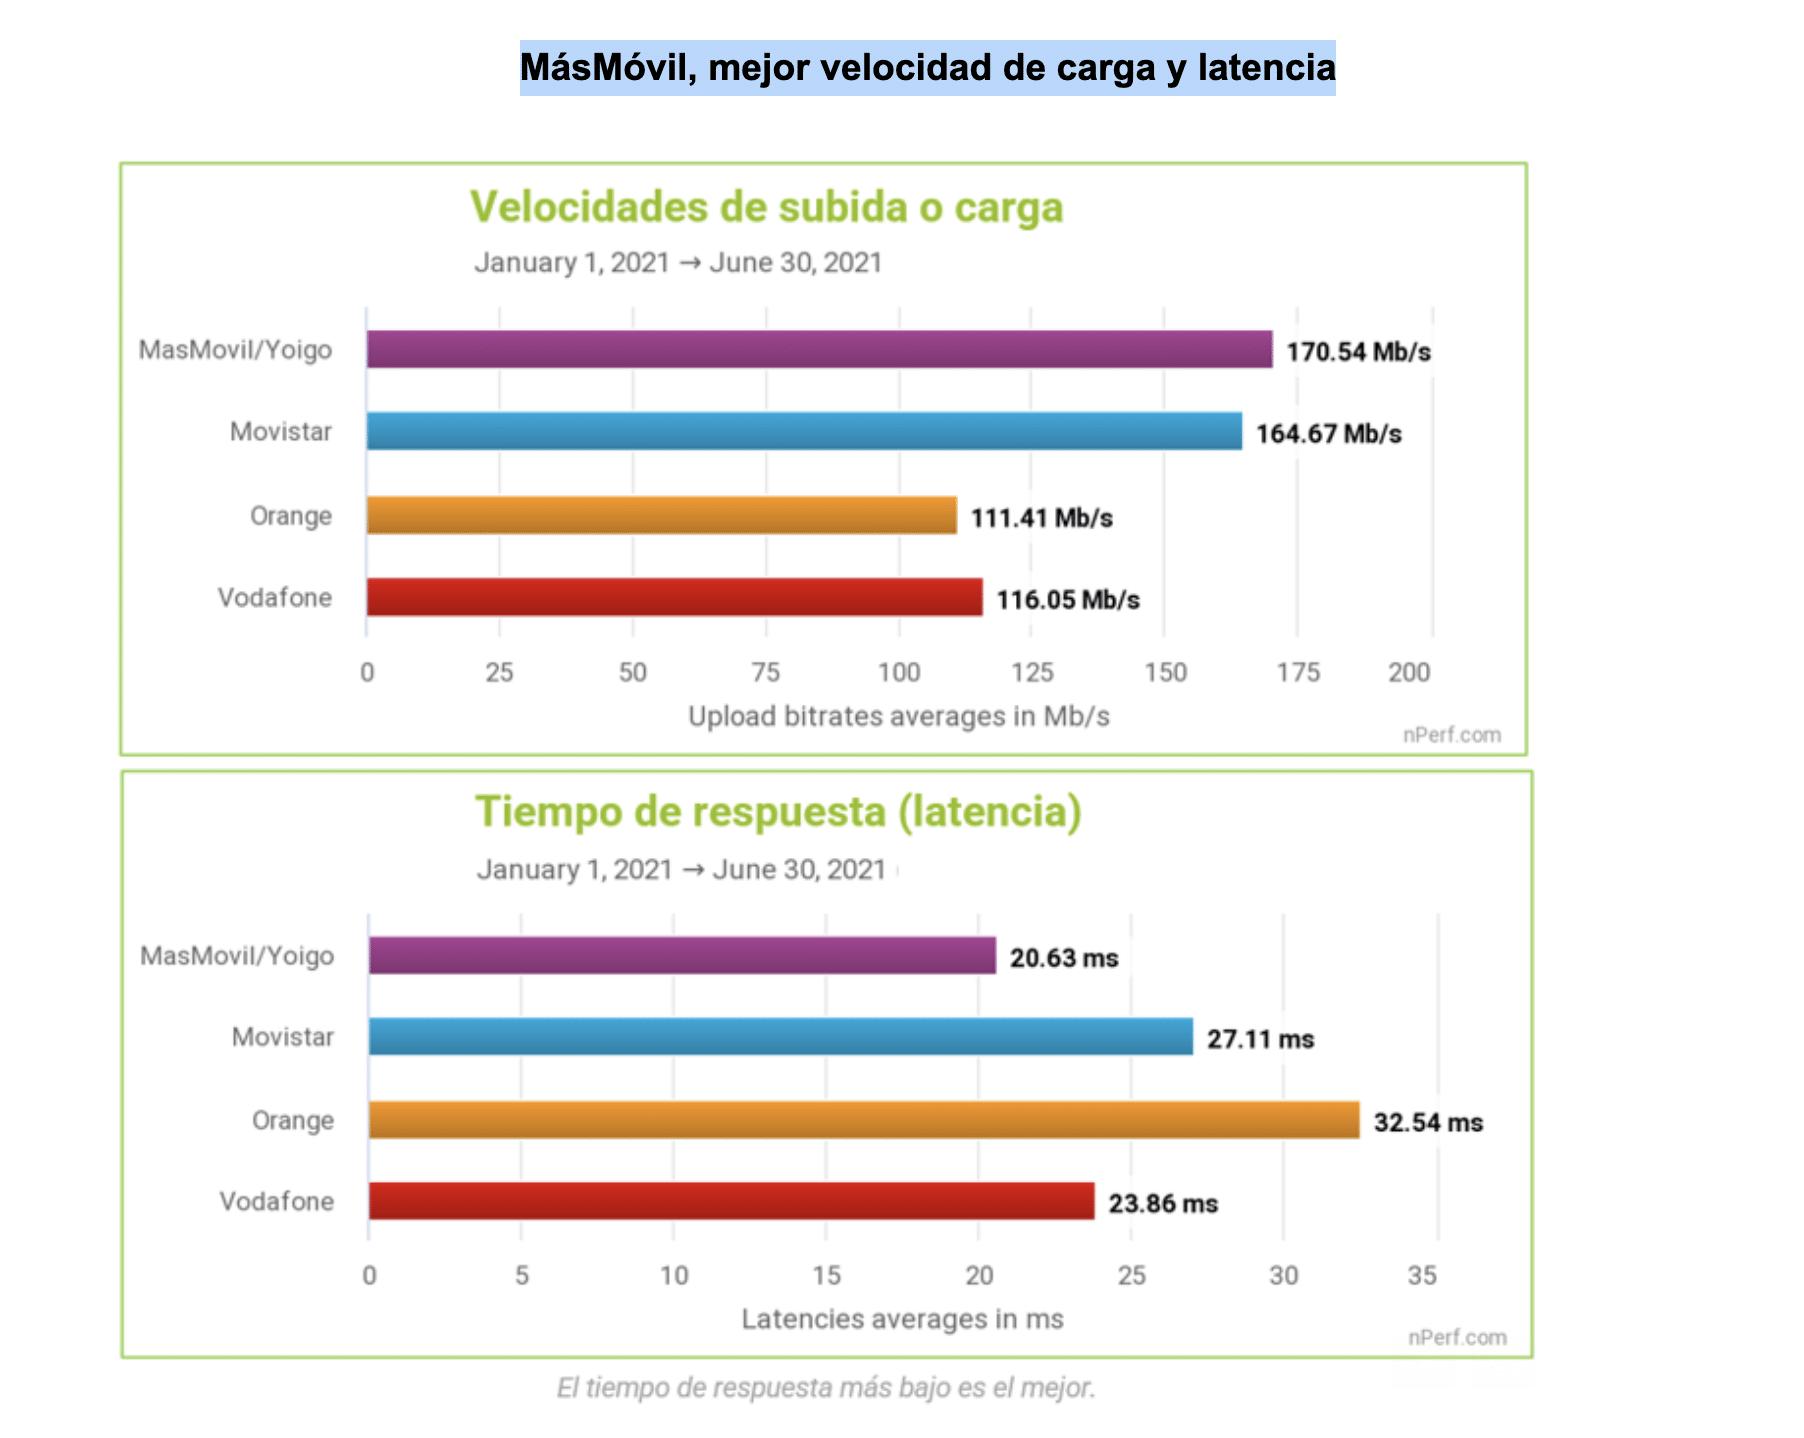 MASMOVIL mejor velocidad de carga y latencia que sus competidores